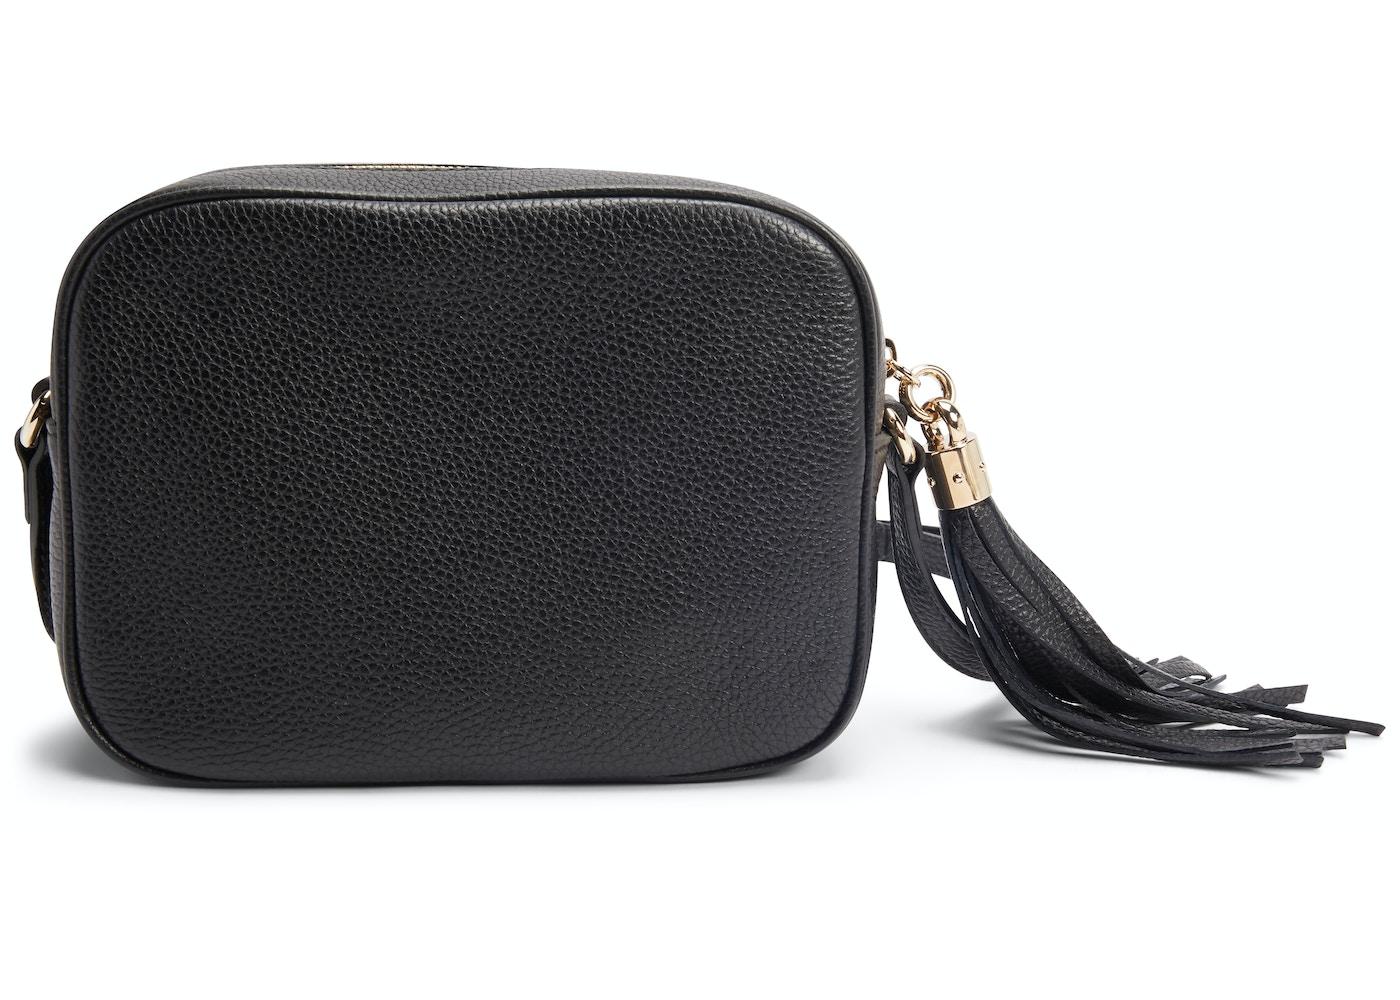 04cef7576785 Gucci Soho Disco Leather Small Black